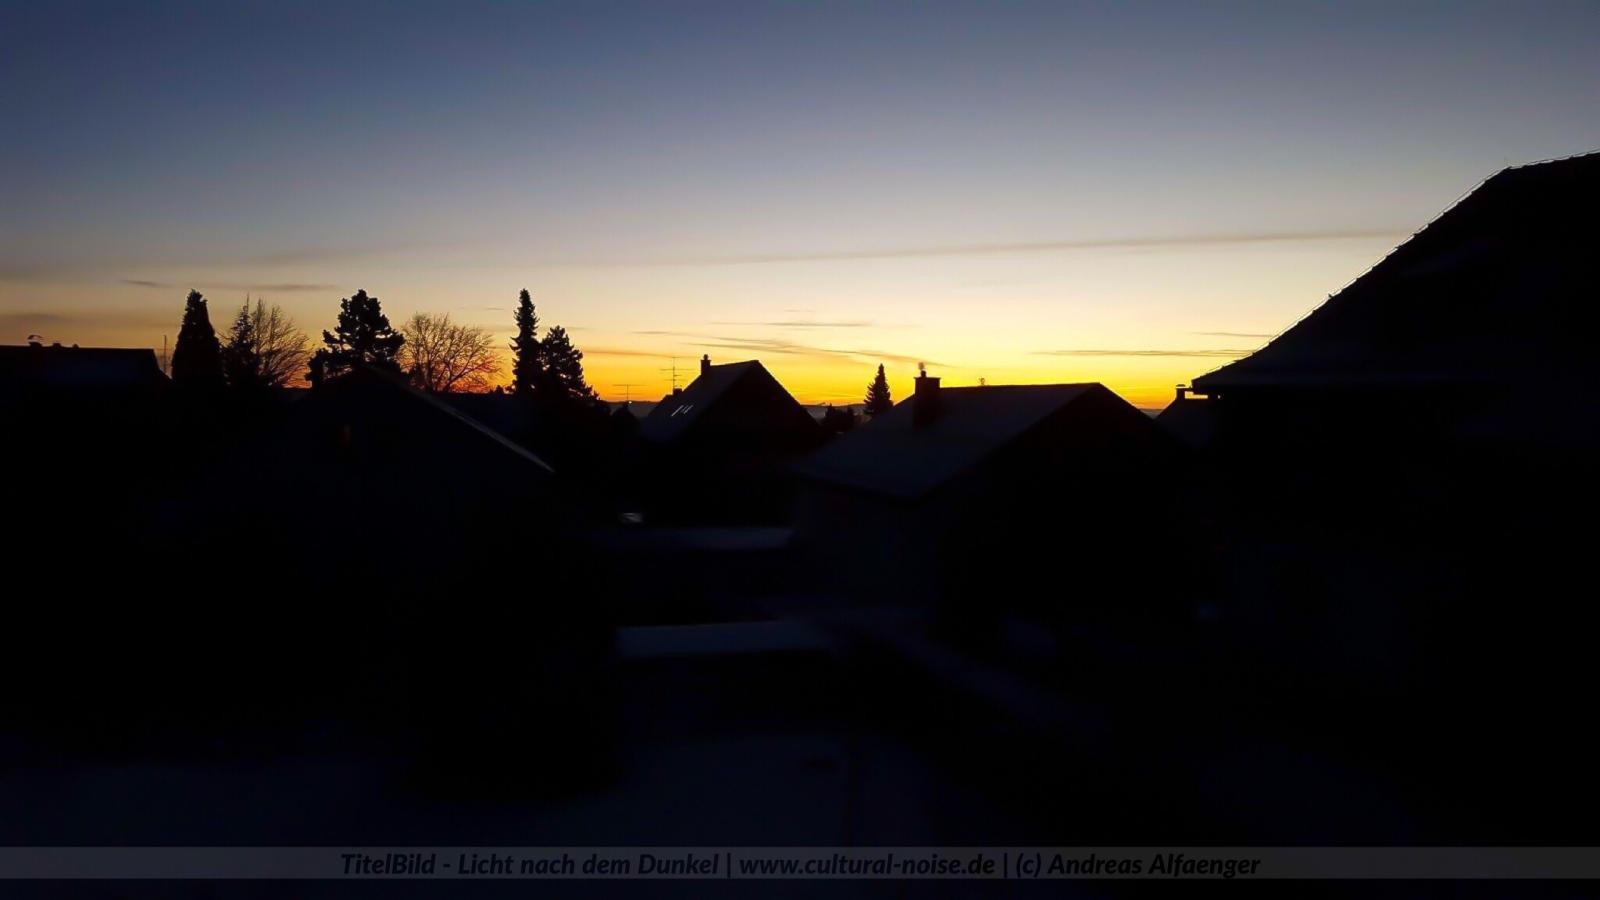 TitelBild_Licht nach dem Dunkel_(c)AndreasAlfaenger